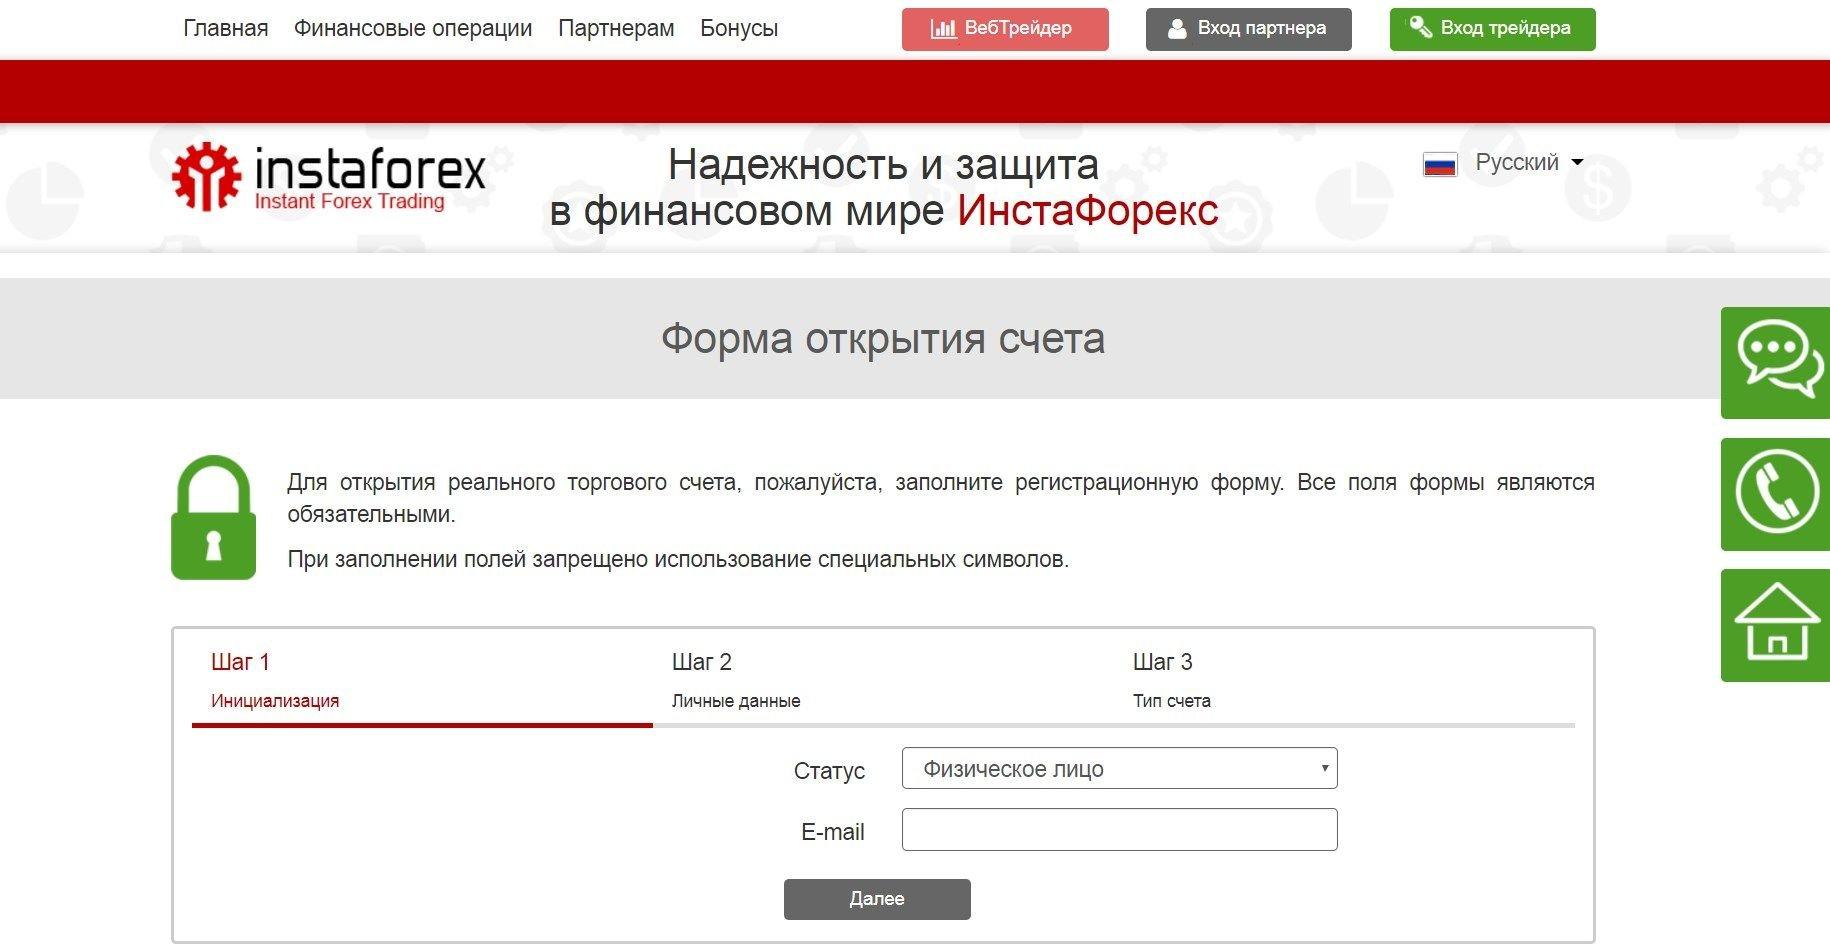 demo számla bináris opción regisztráció nélkül opciók 1c